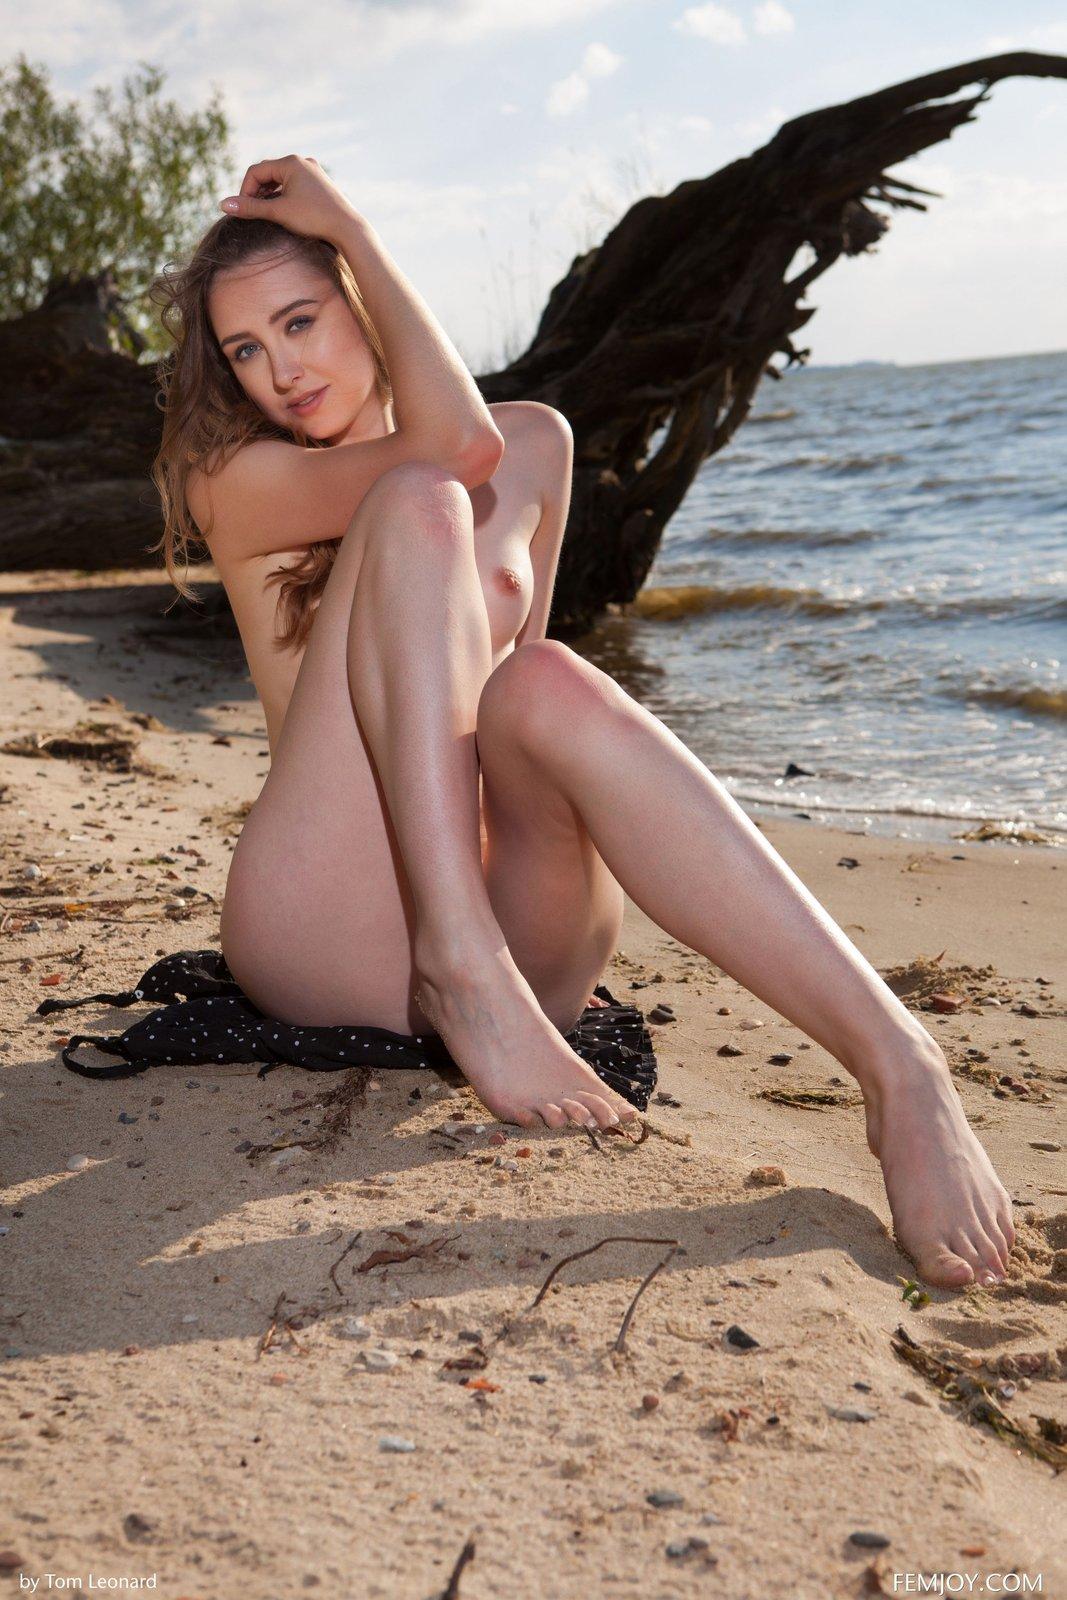 Zdjęcie porno - 08 2 - Zgrabna laska na plaży